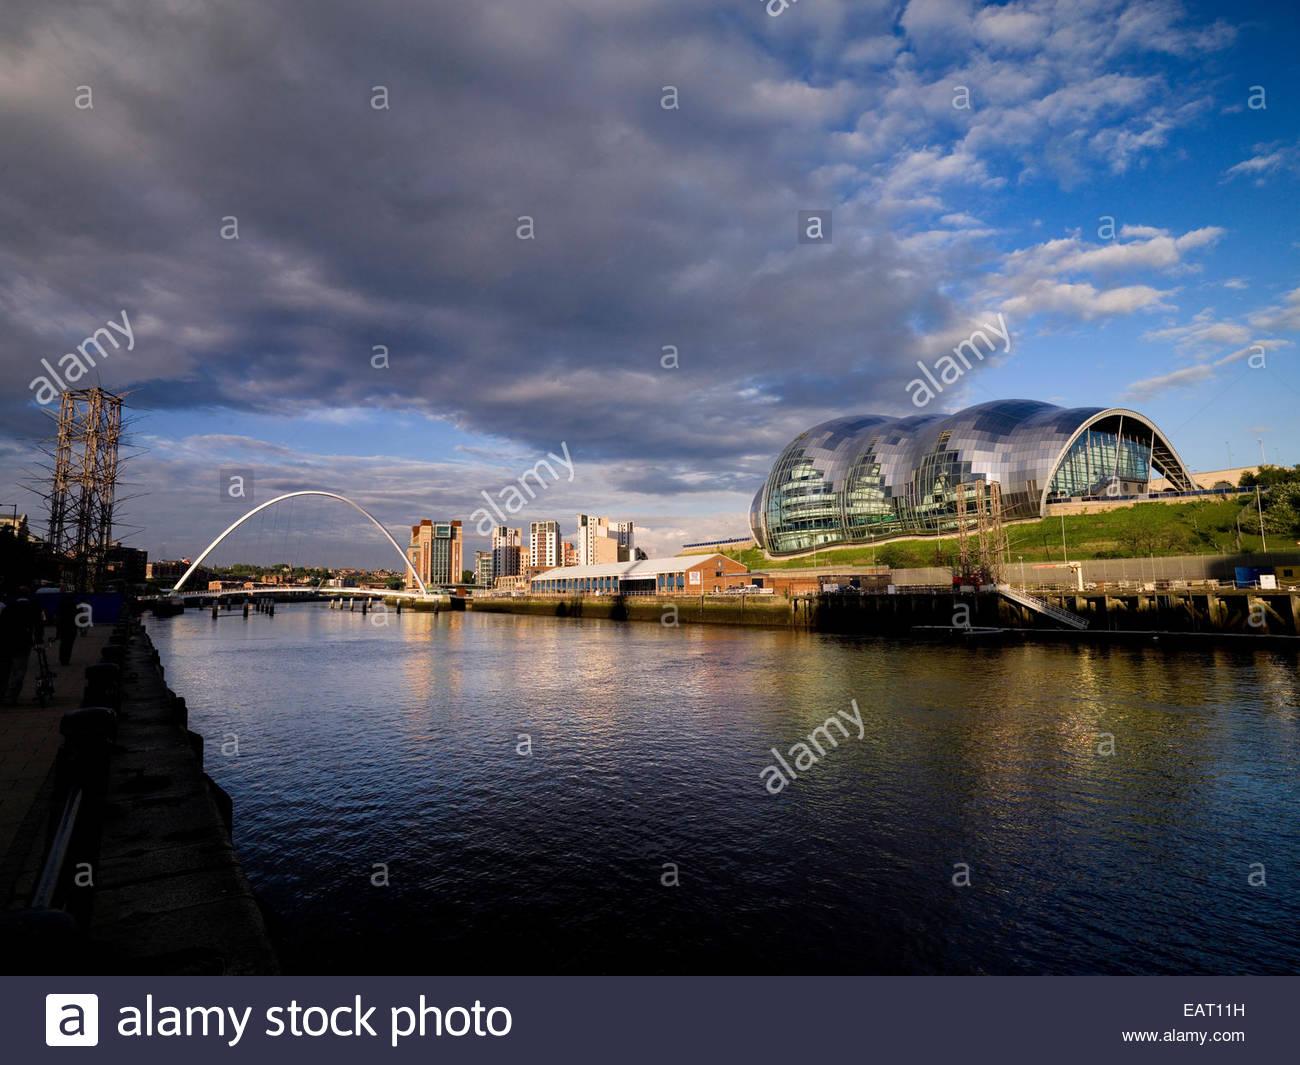 Newcastle Upon Tyne, England. - Stock Image